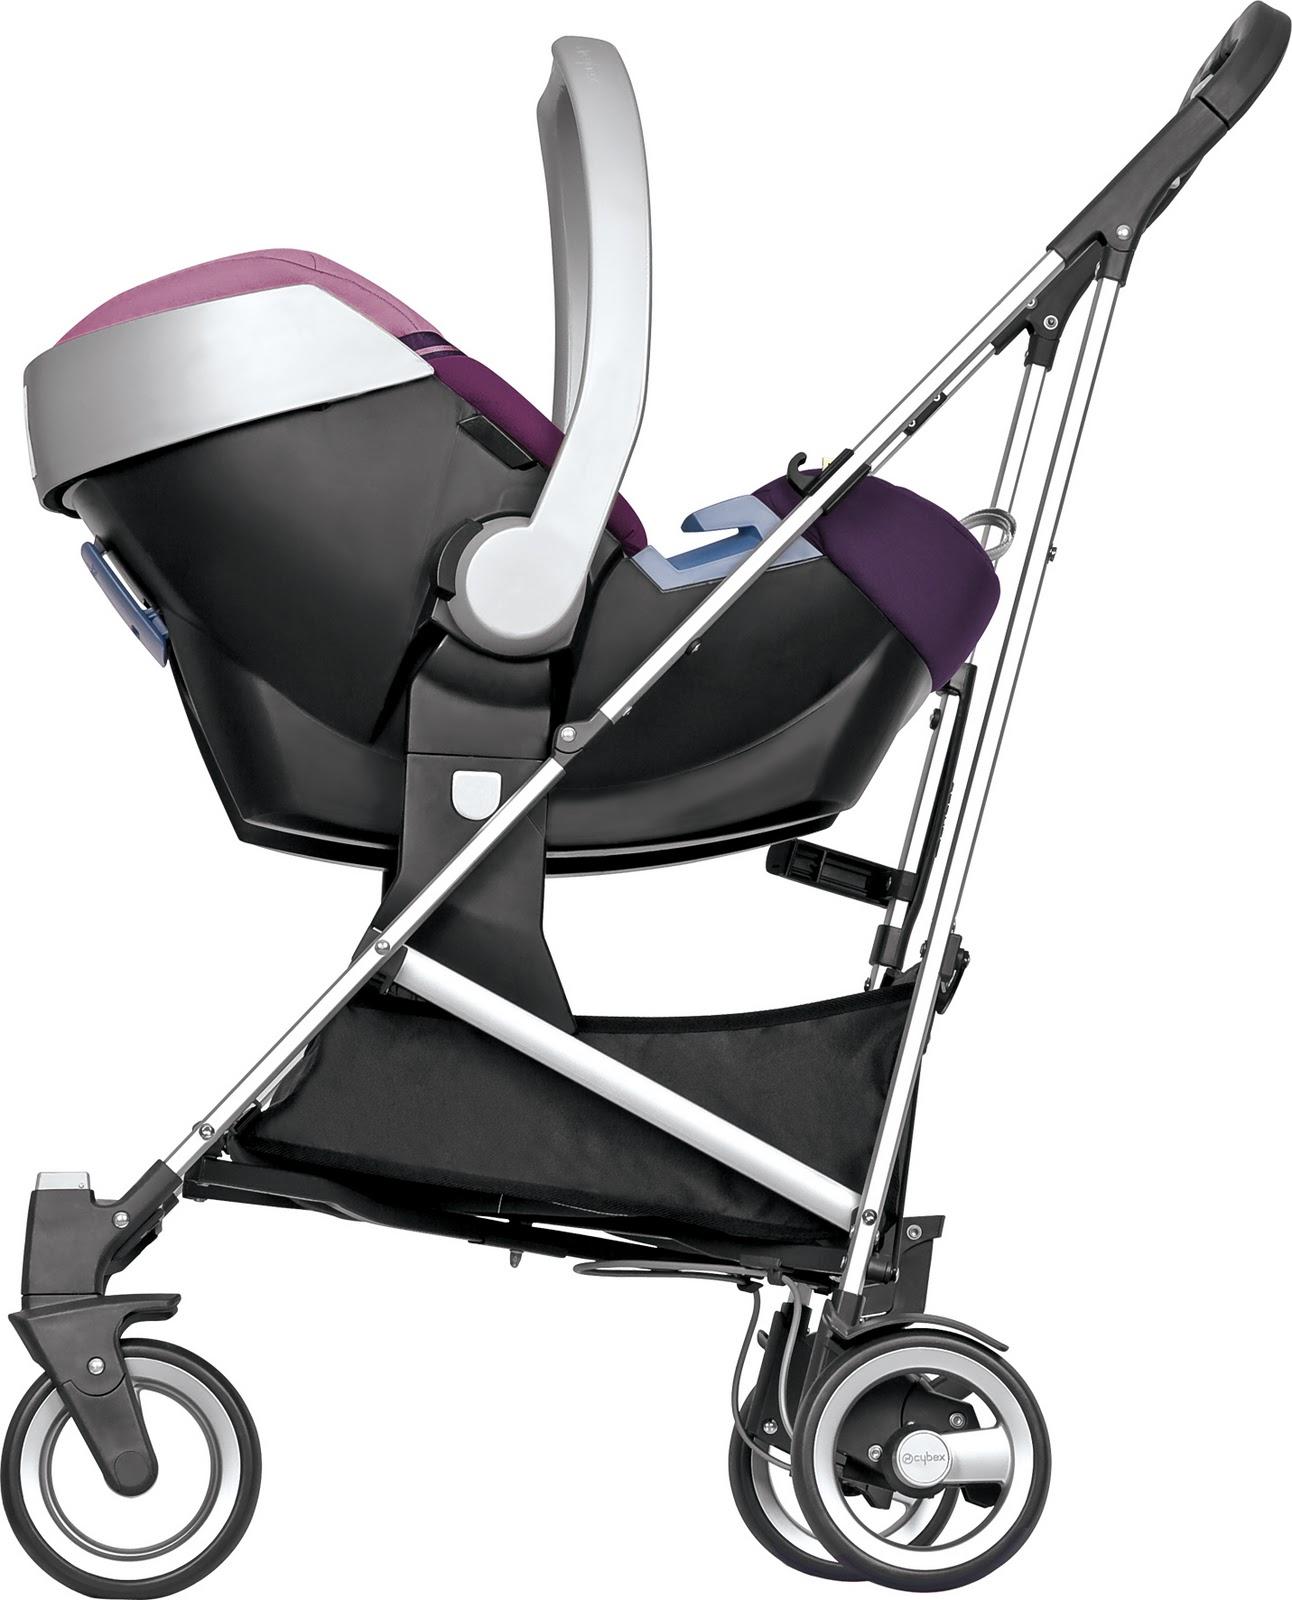 מסודר הבלוג של Babyz: עגלת תינוק דגם קליסטו, סייבקס גרמניה IX-03